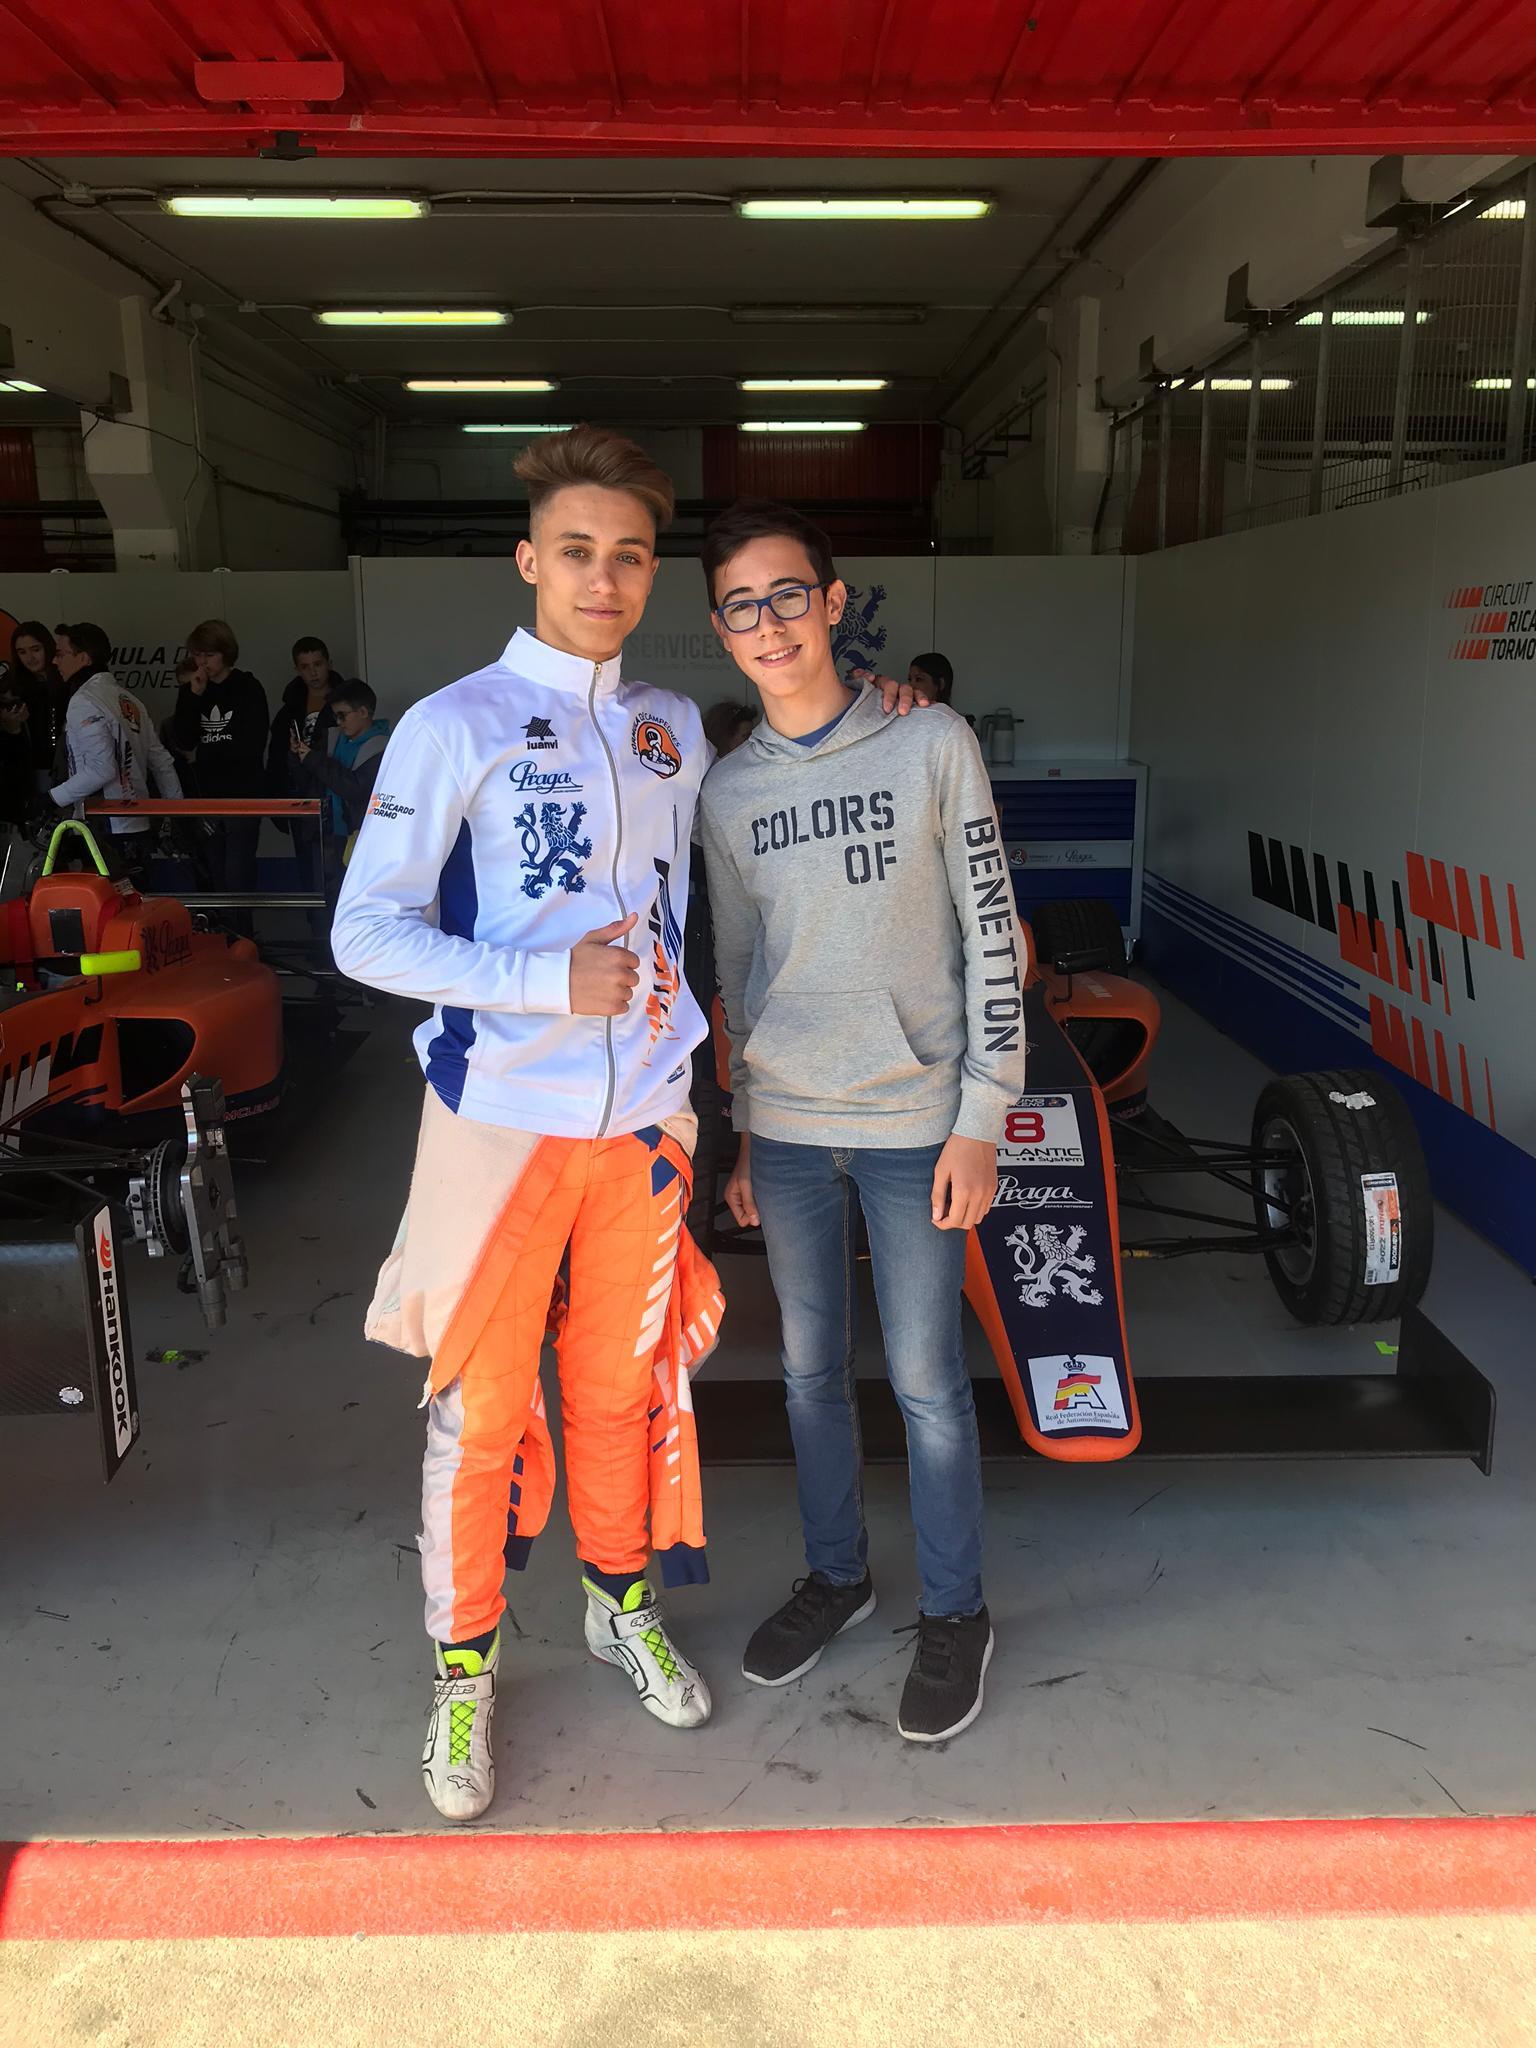 Visita de l'Associació de Diabetis de Catalunya al Circuit de Catalunya, amb Kilian Meyer